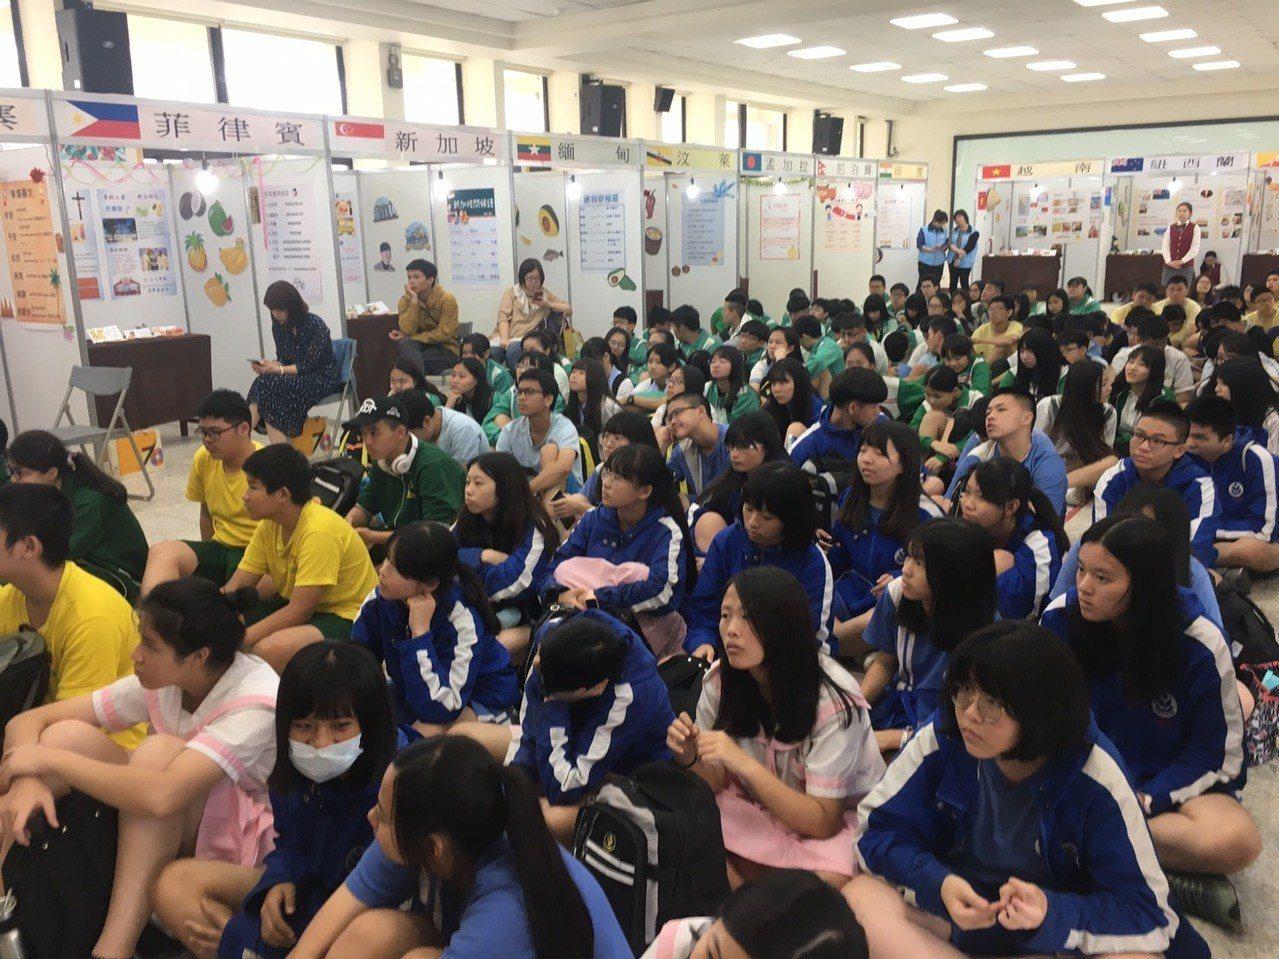 台北市私立金甌女中今和大安高工、開平餐飲聯合舉行技職嘉年華活動。圖/金甌女中提供